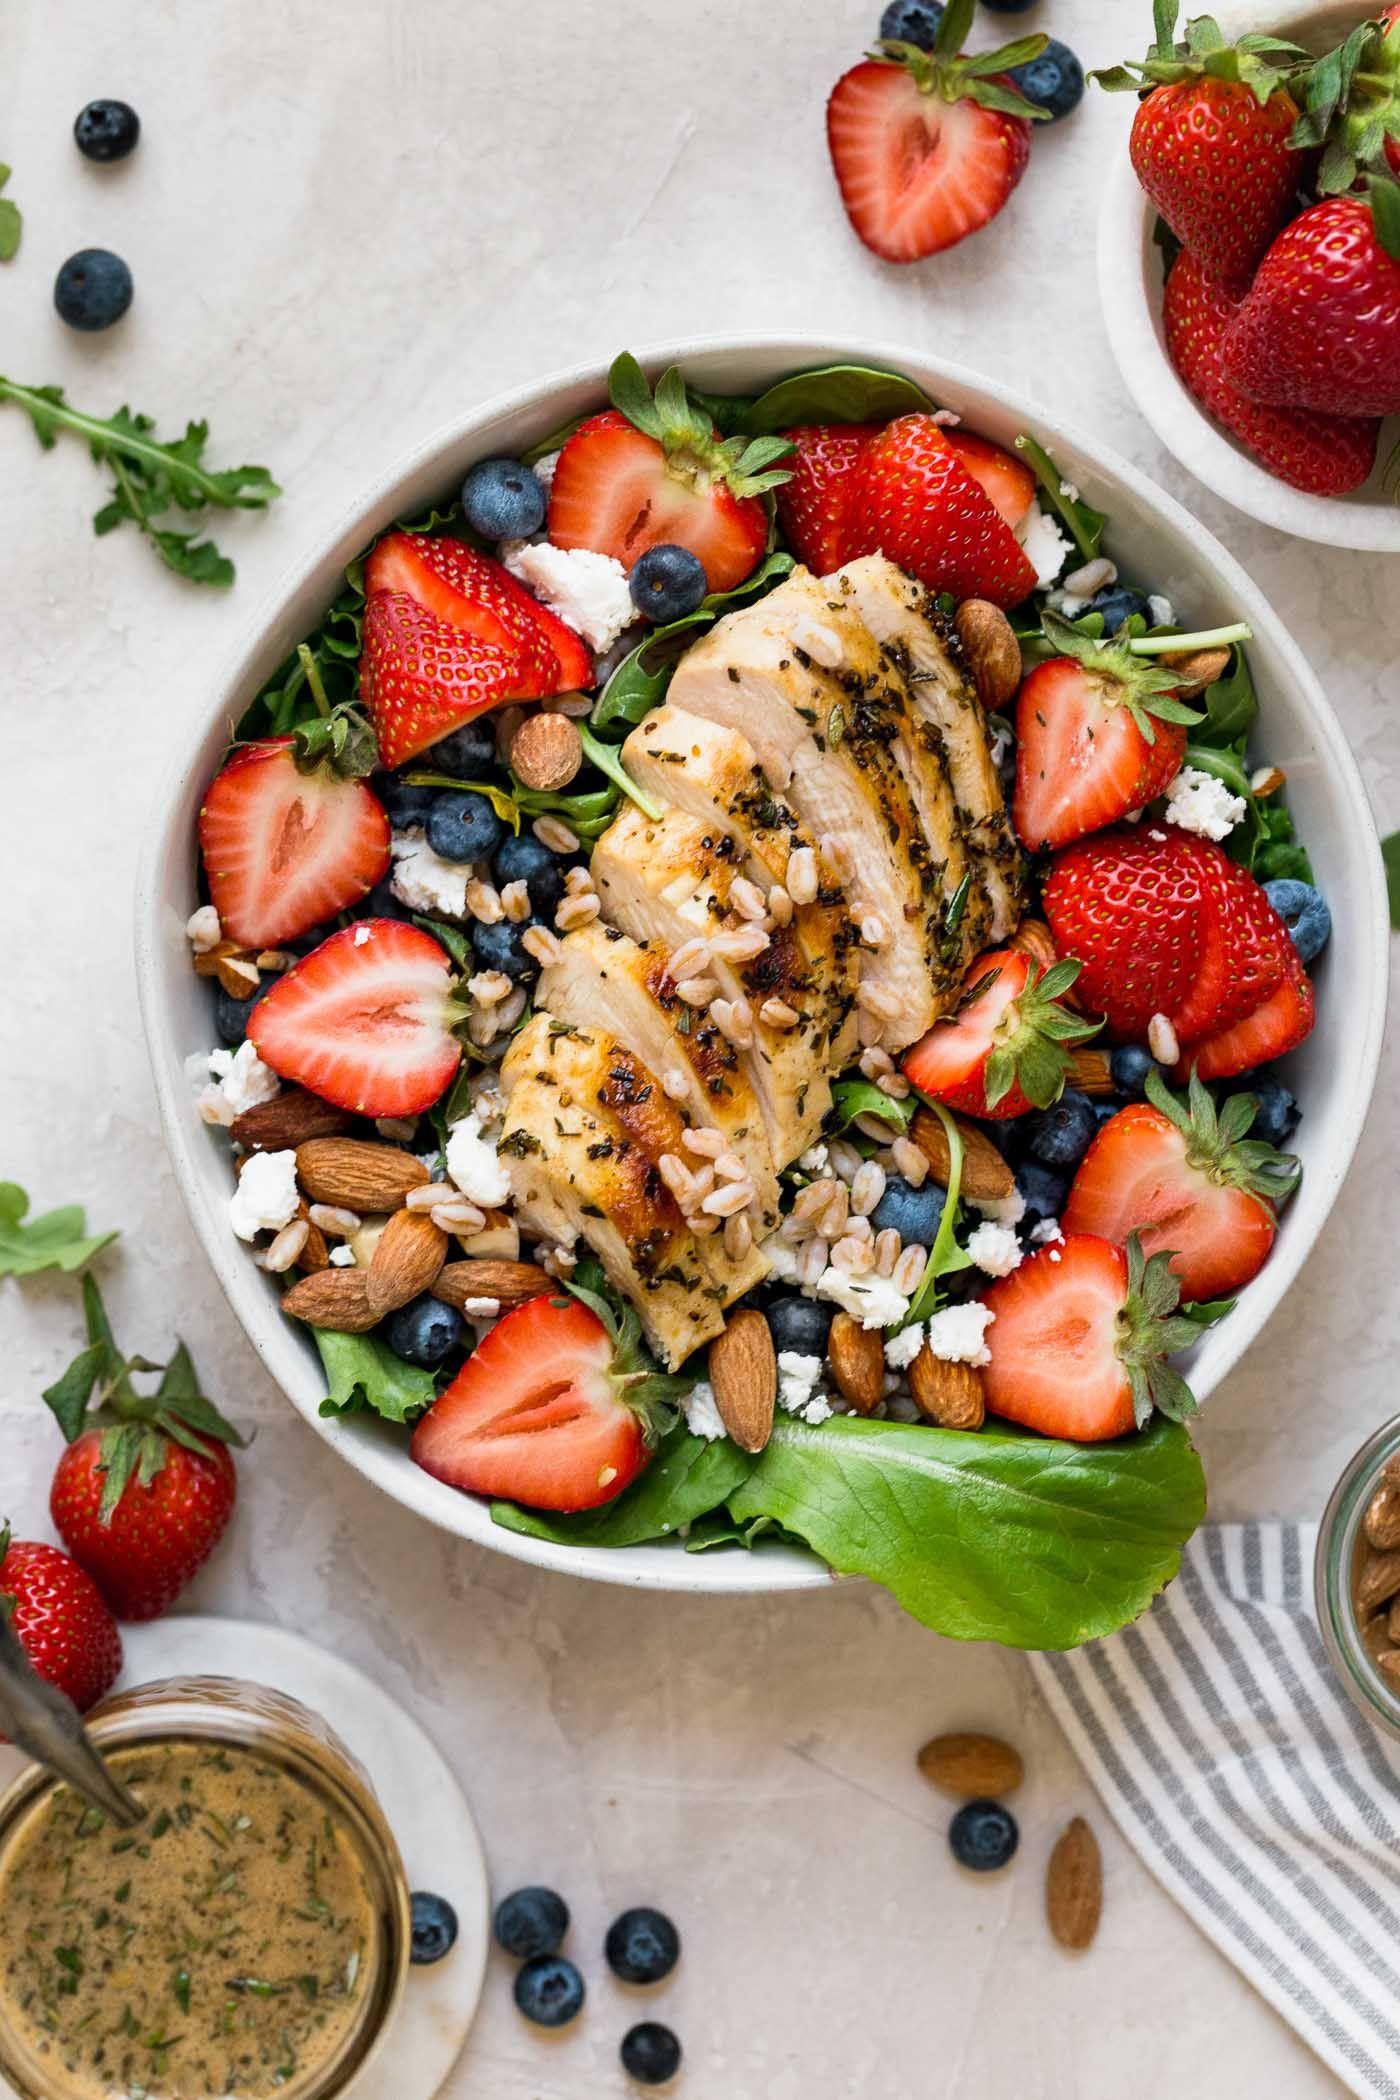 salade de fraises + fromage de chèvre et balsamique à l'érable - se marie bien avec le beurre